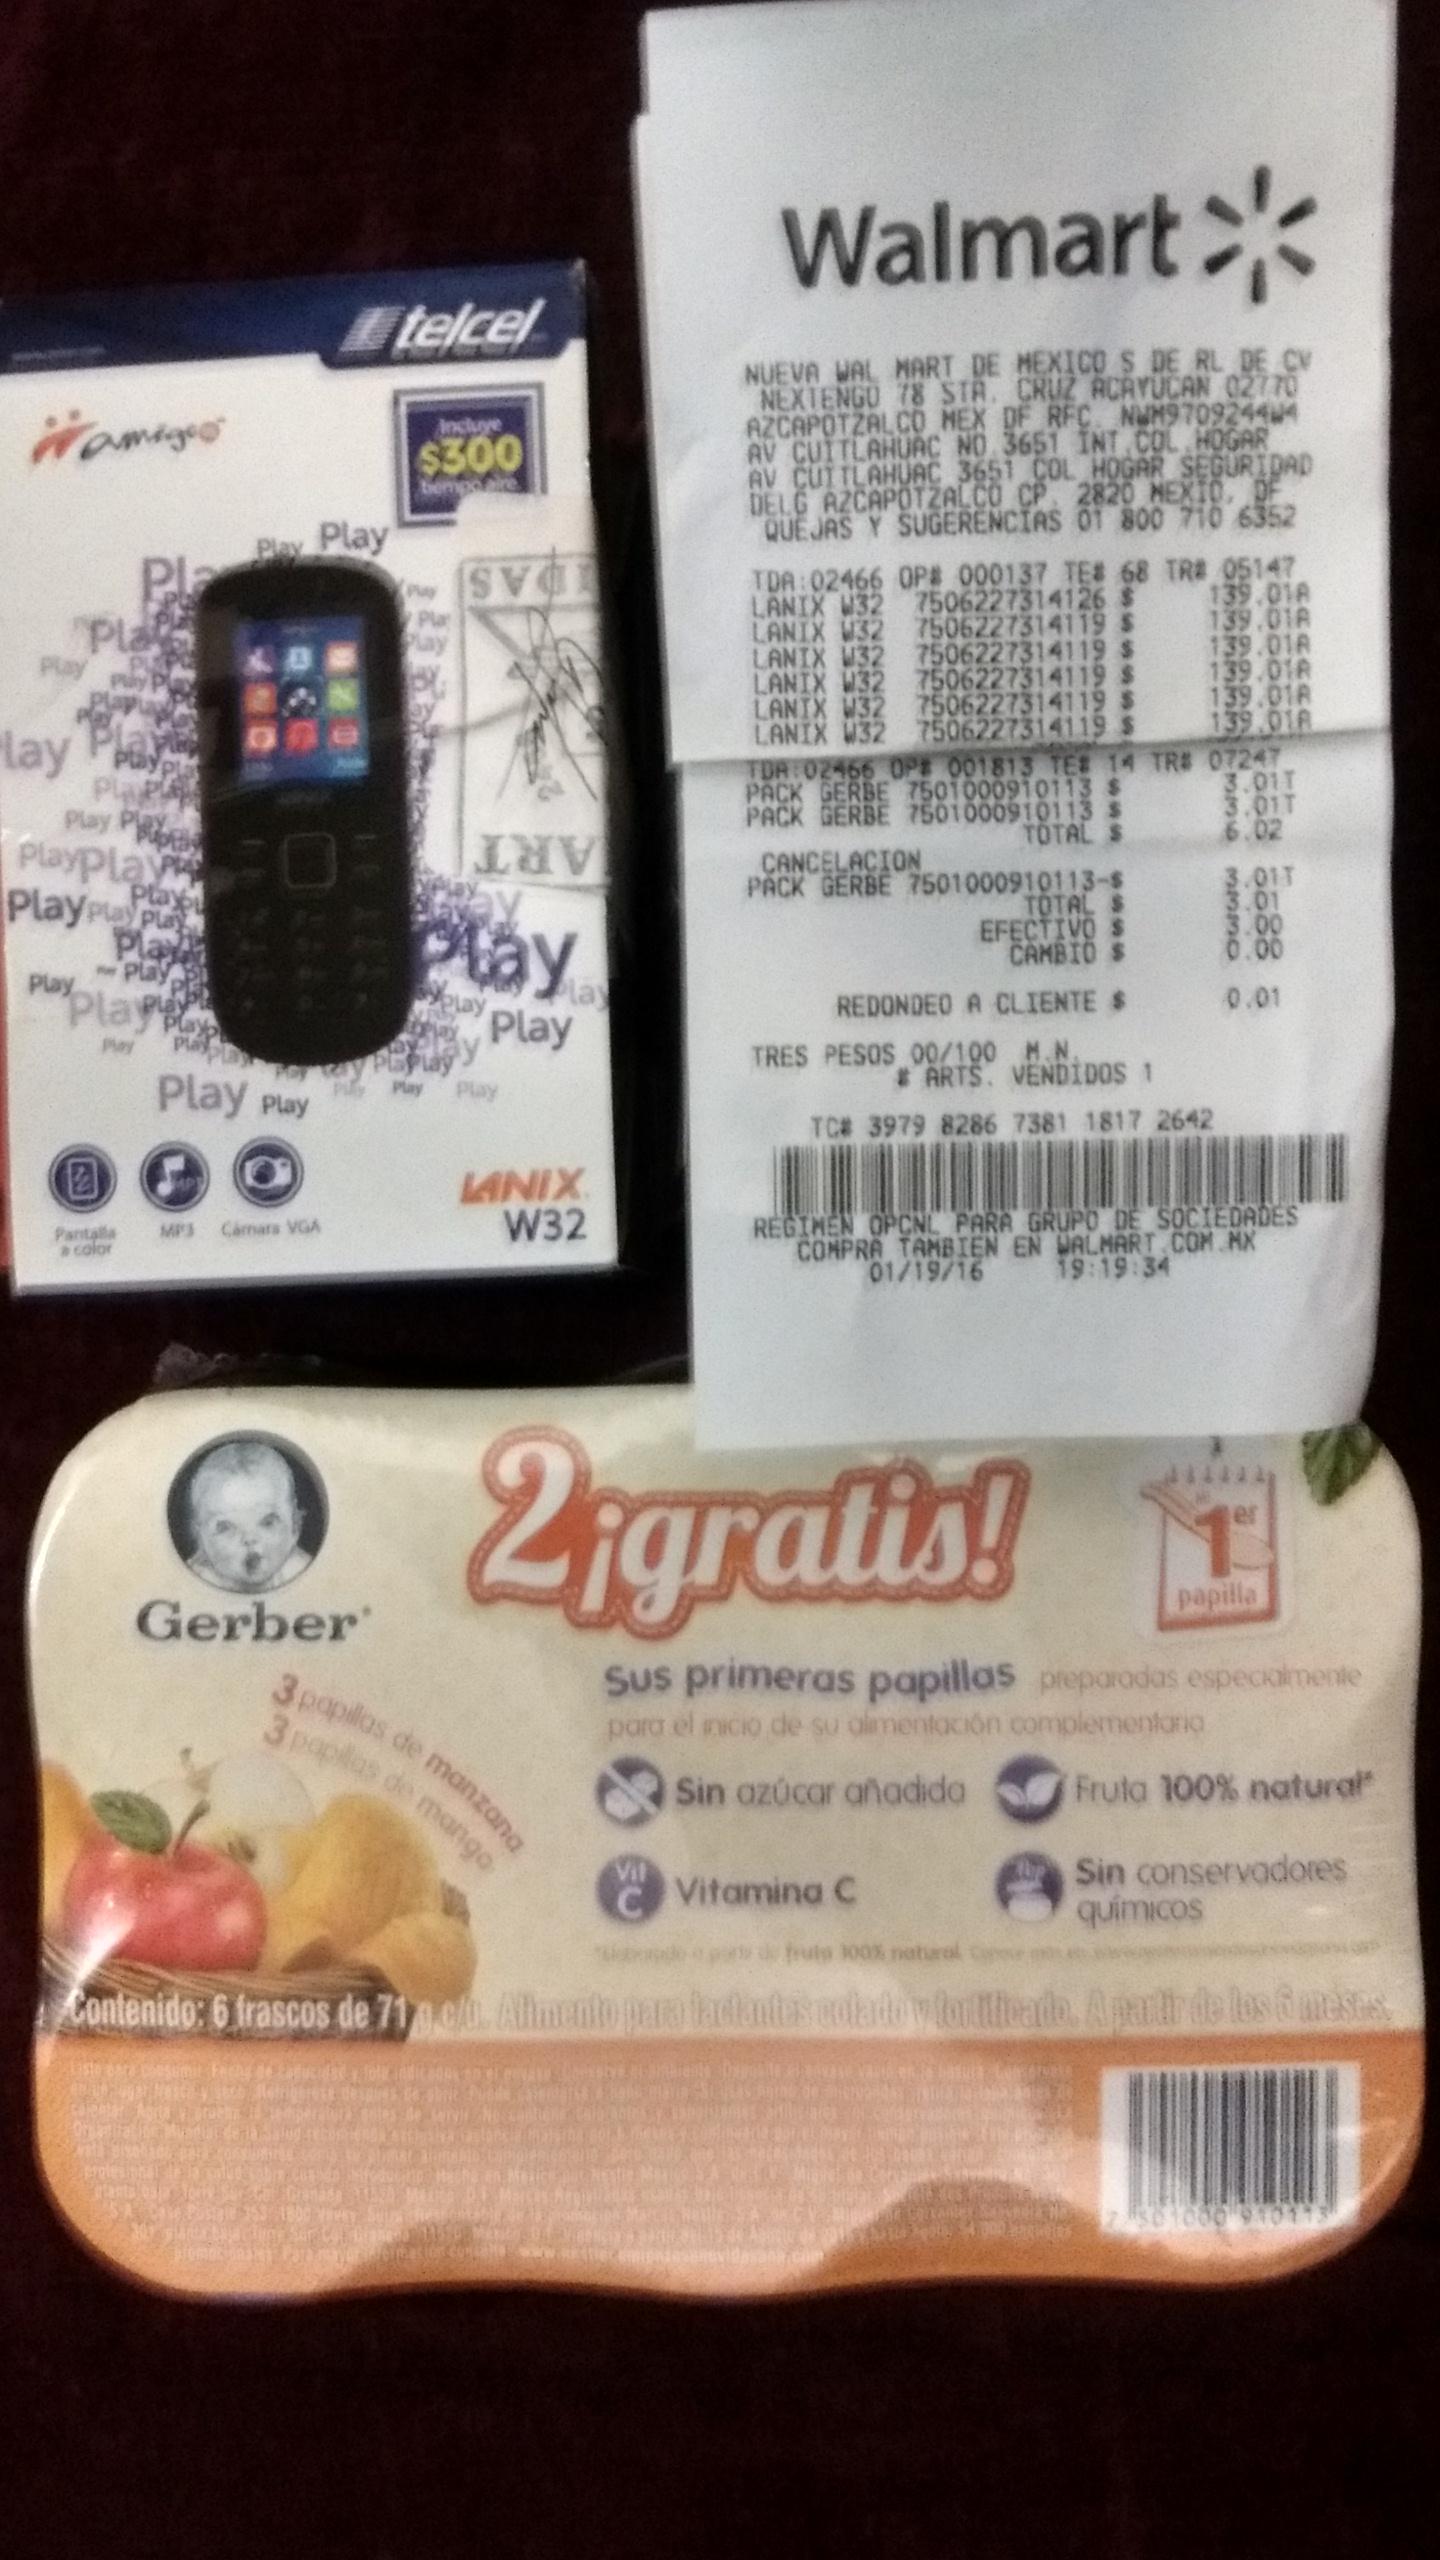 Walmart Cuitlahuac: 6 gerber etapa 1 $3.01, celular lanix w32 $139.01